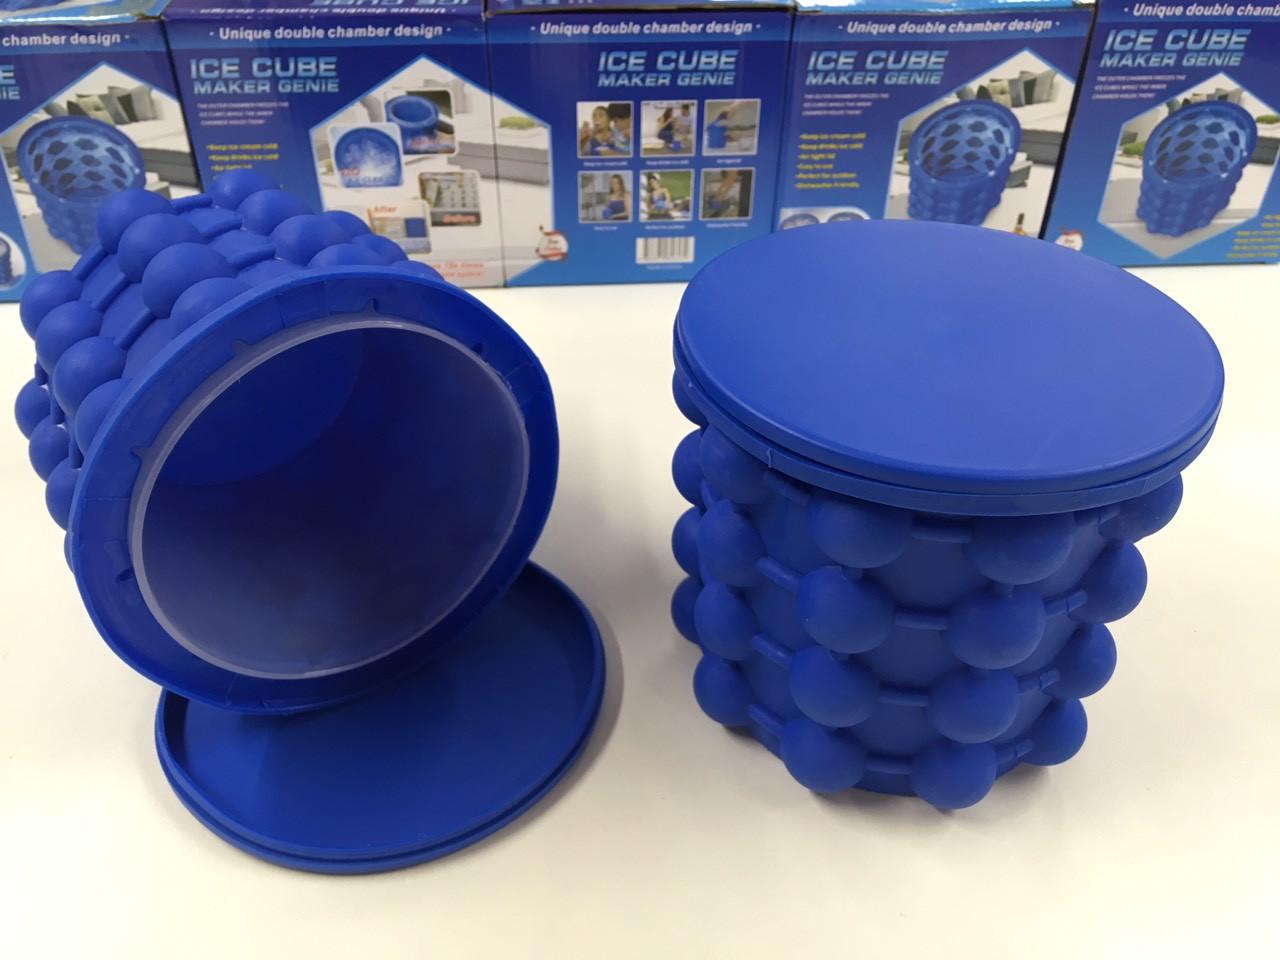 Силиконовые формы для льда ICE CUBE ART-6139